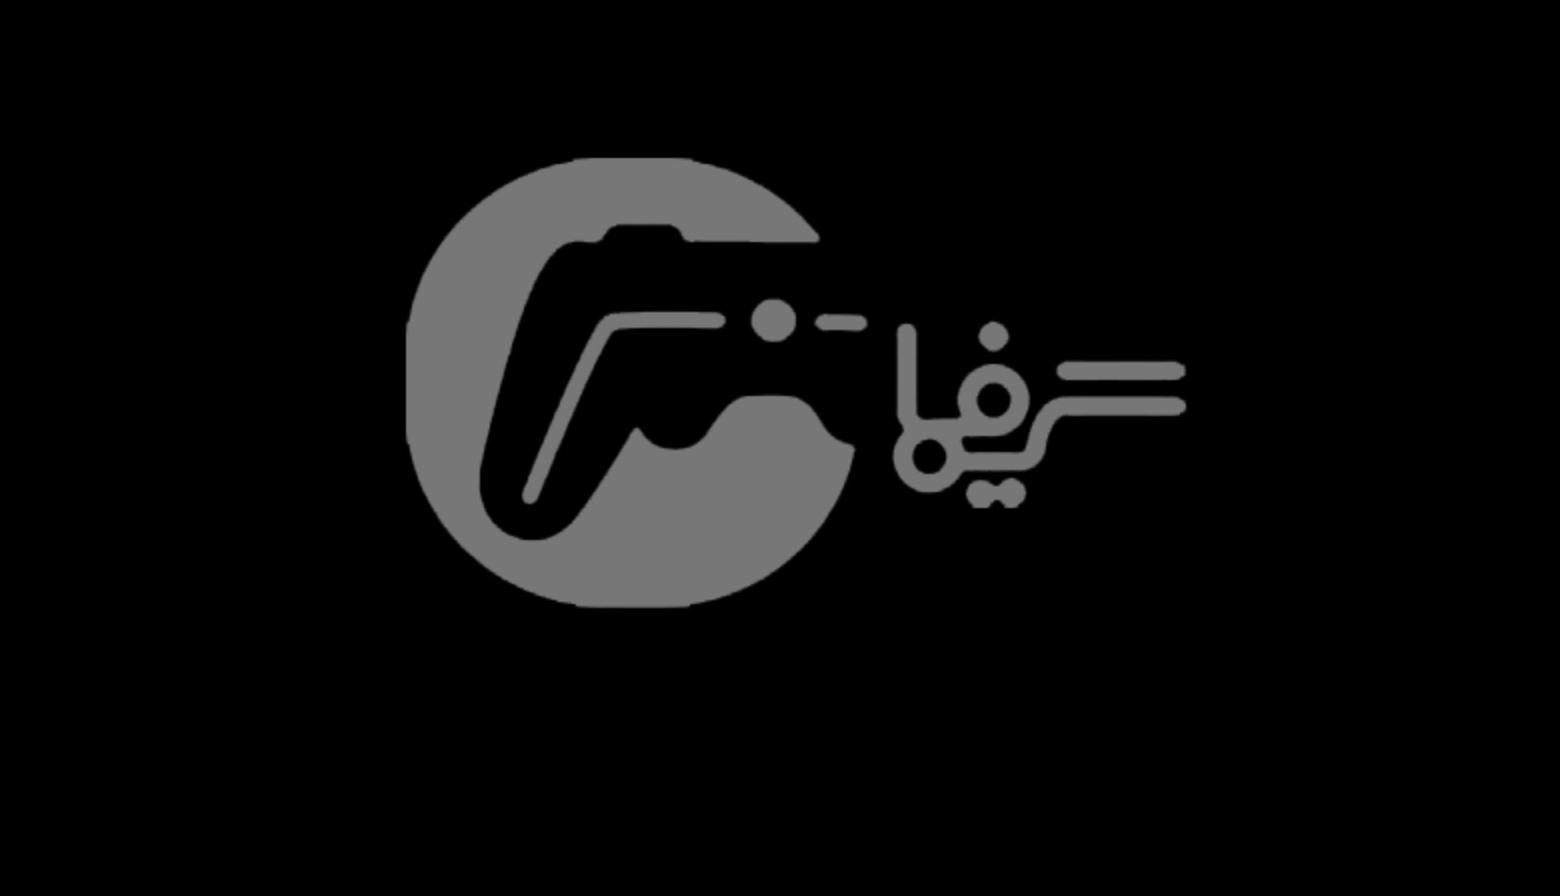 تسلیت گیمفا به زلزلهزدگان استانهای غربی کشور